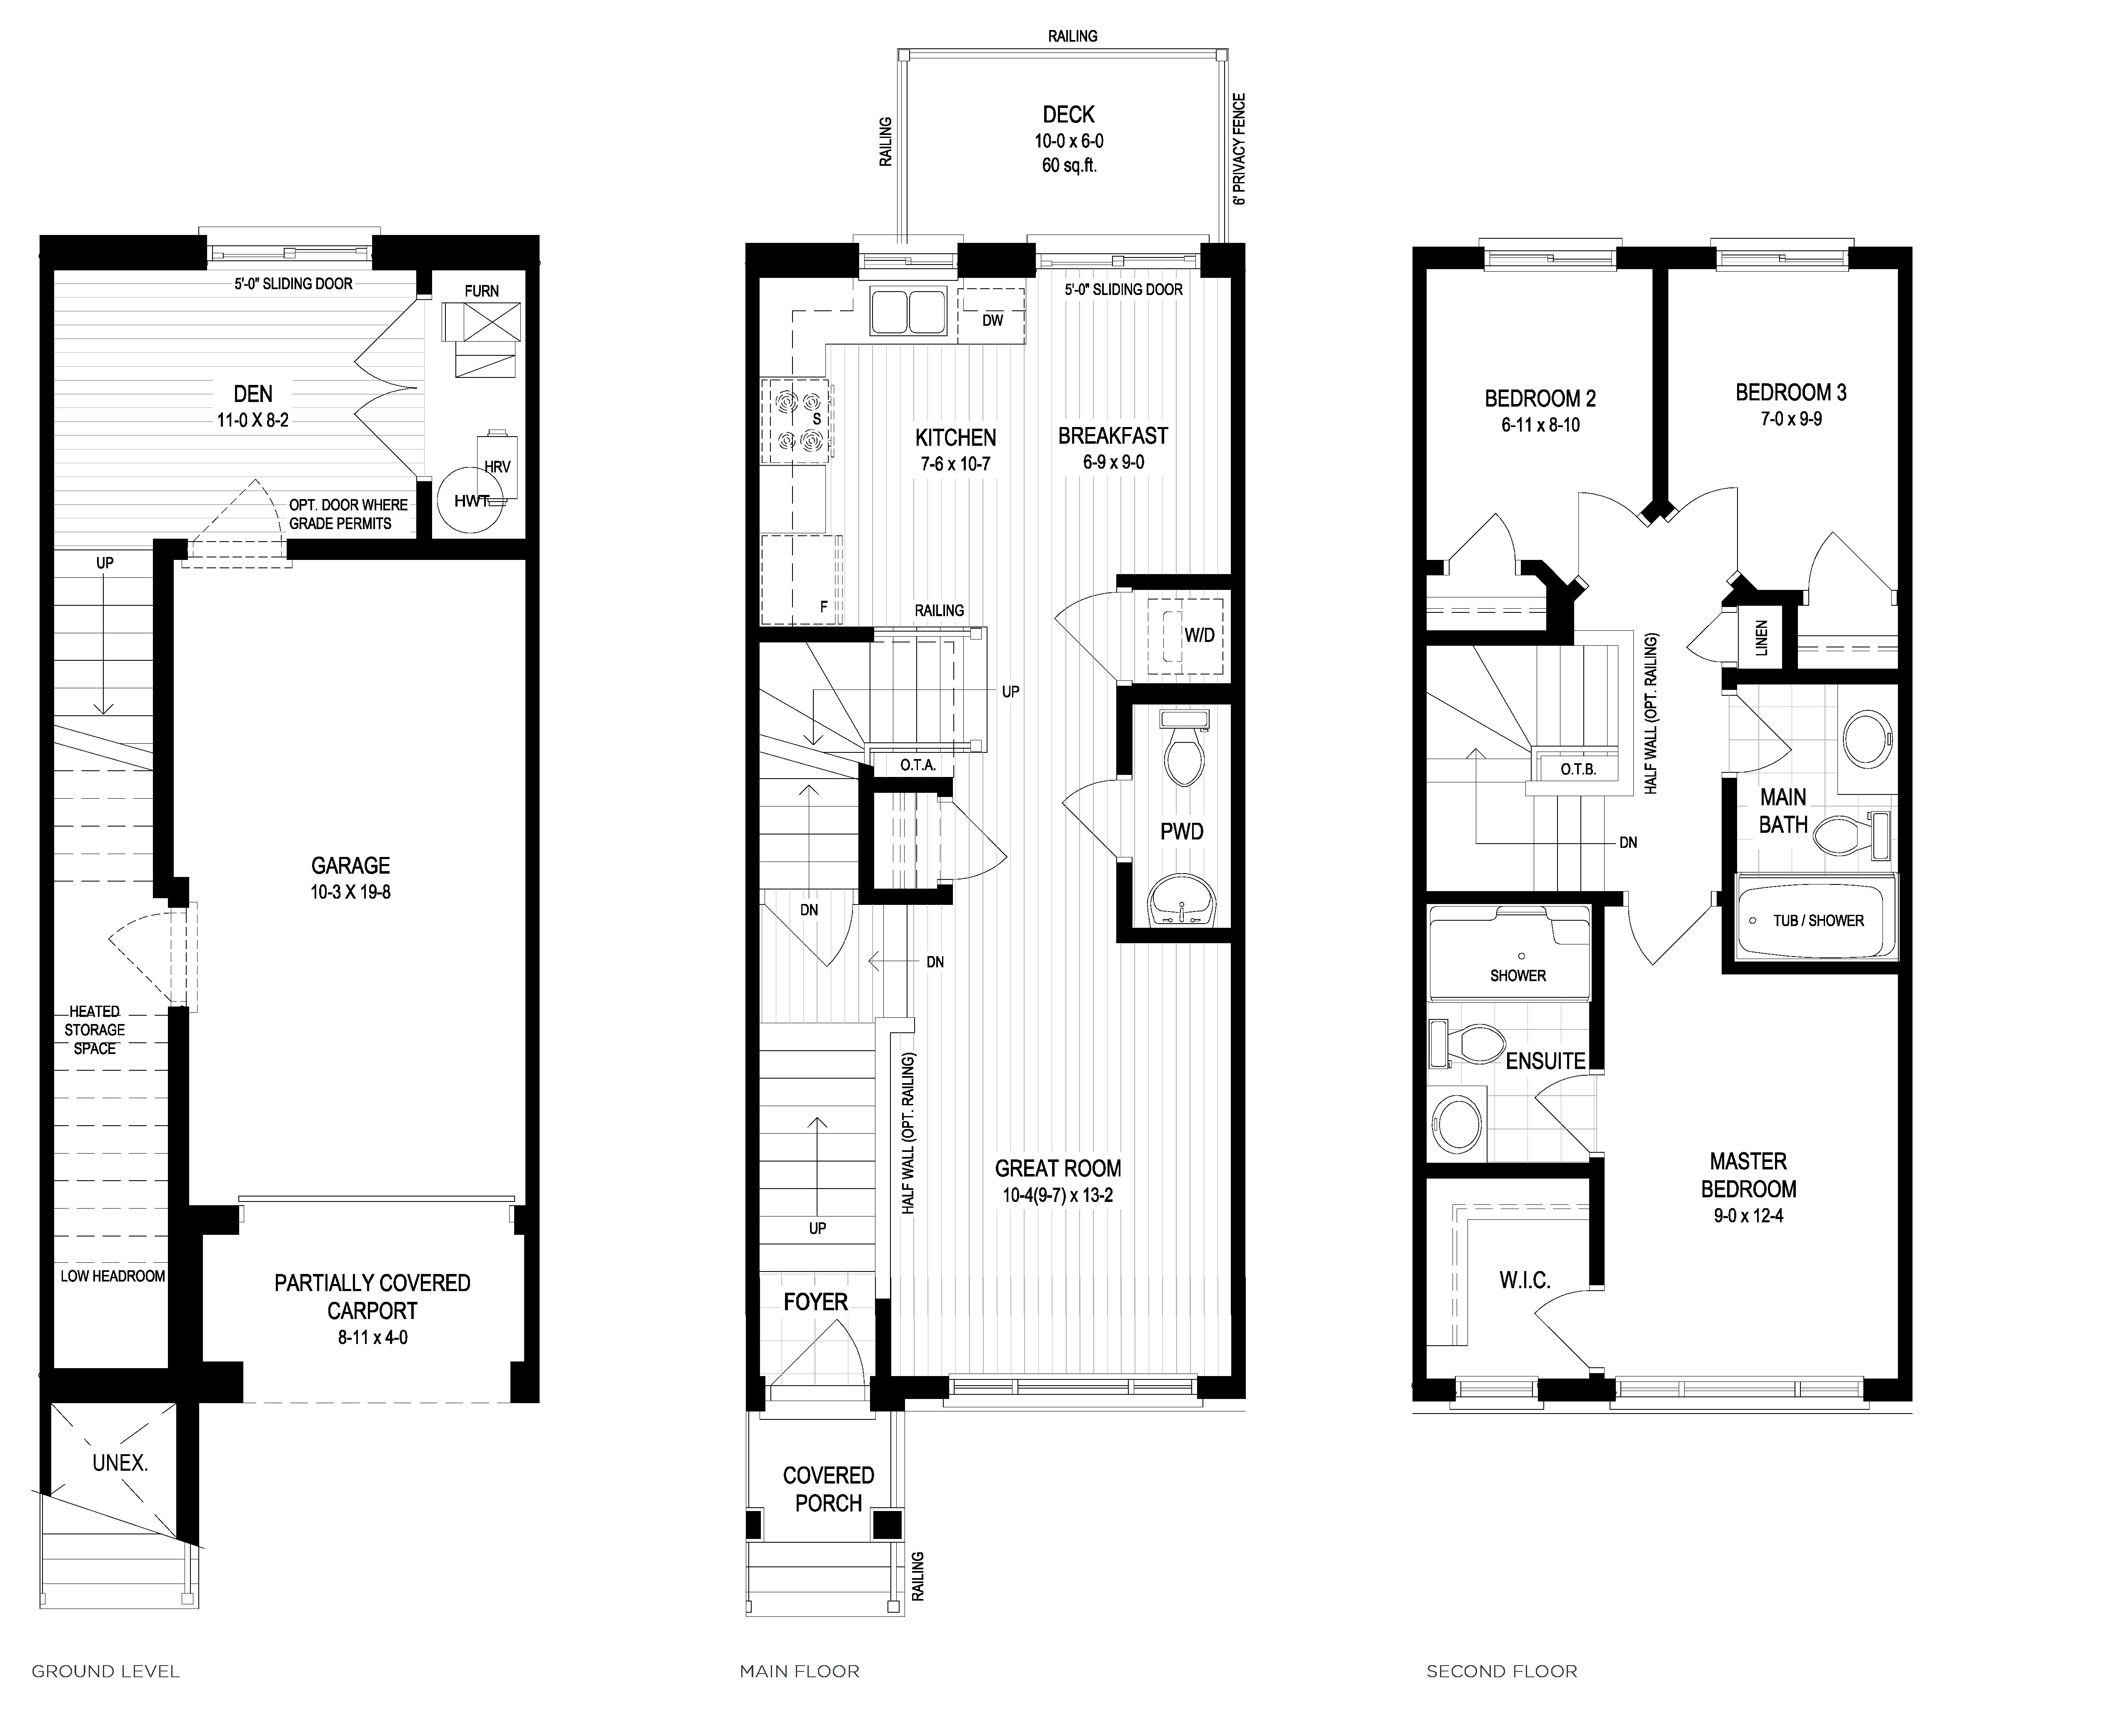 Esprit Int Floorplan